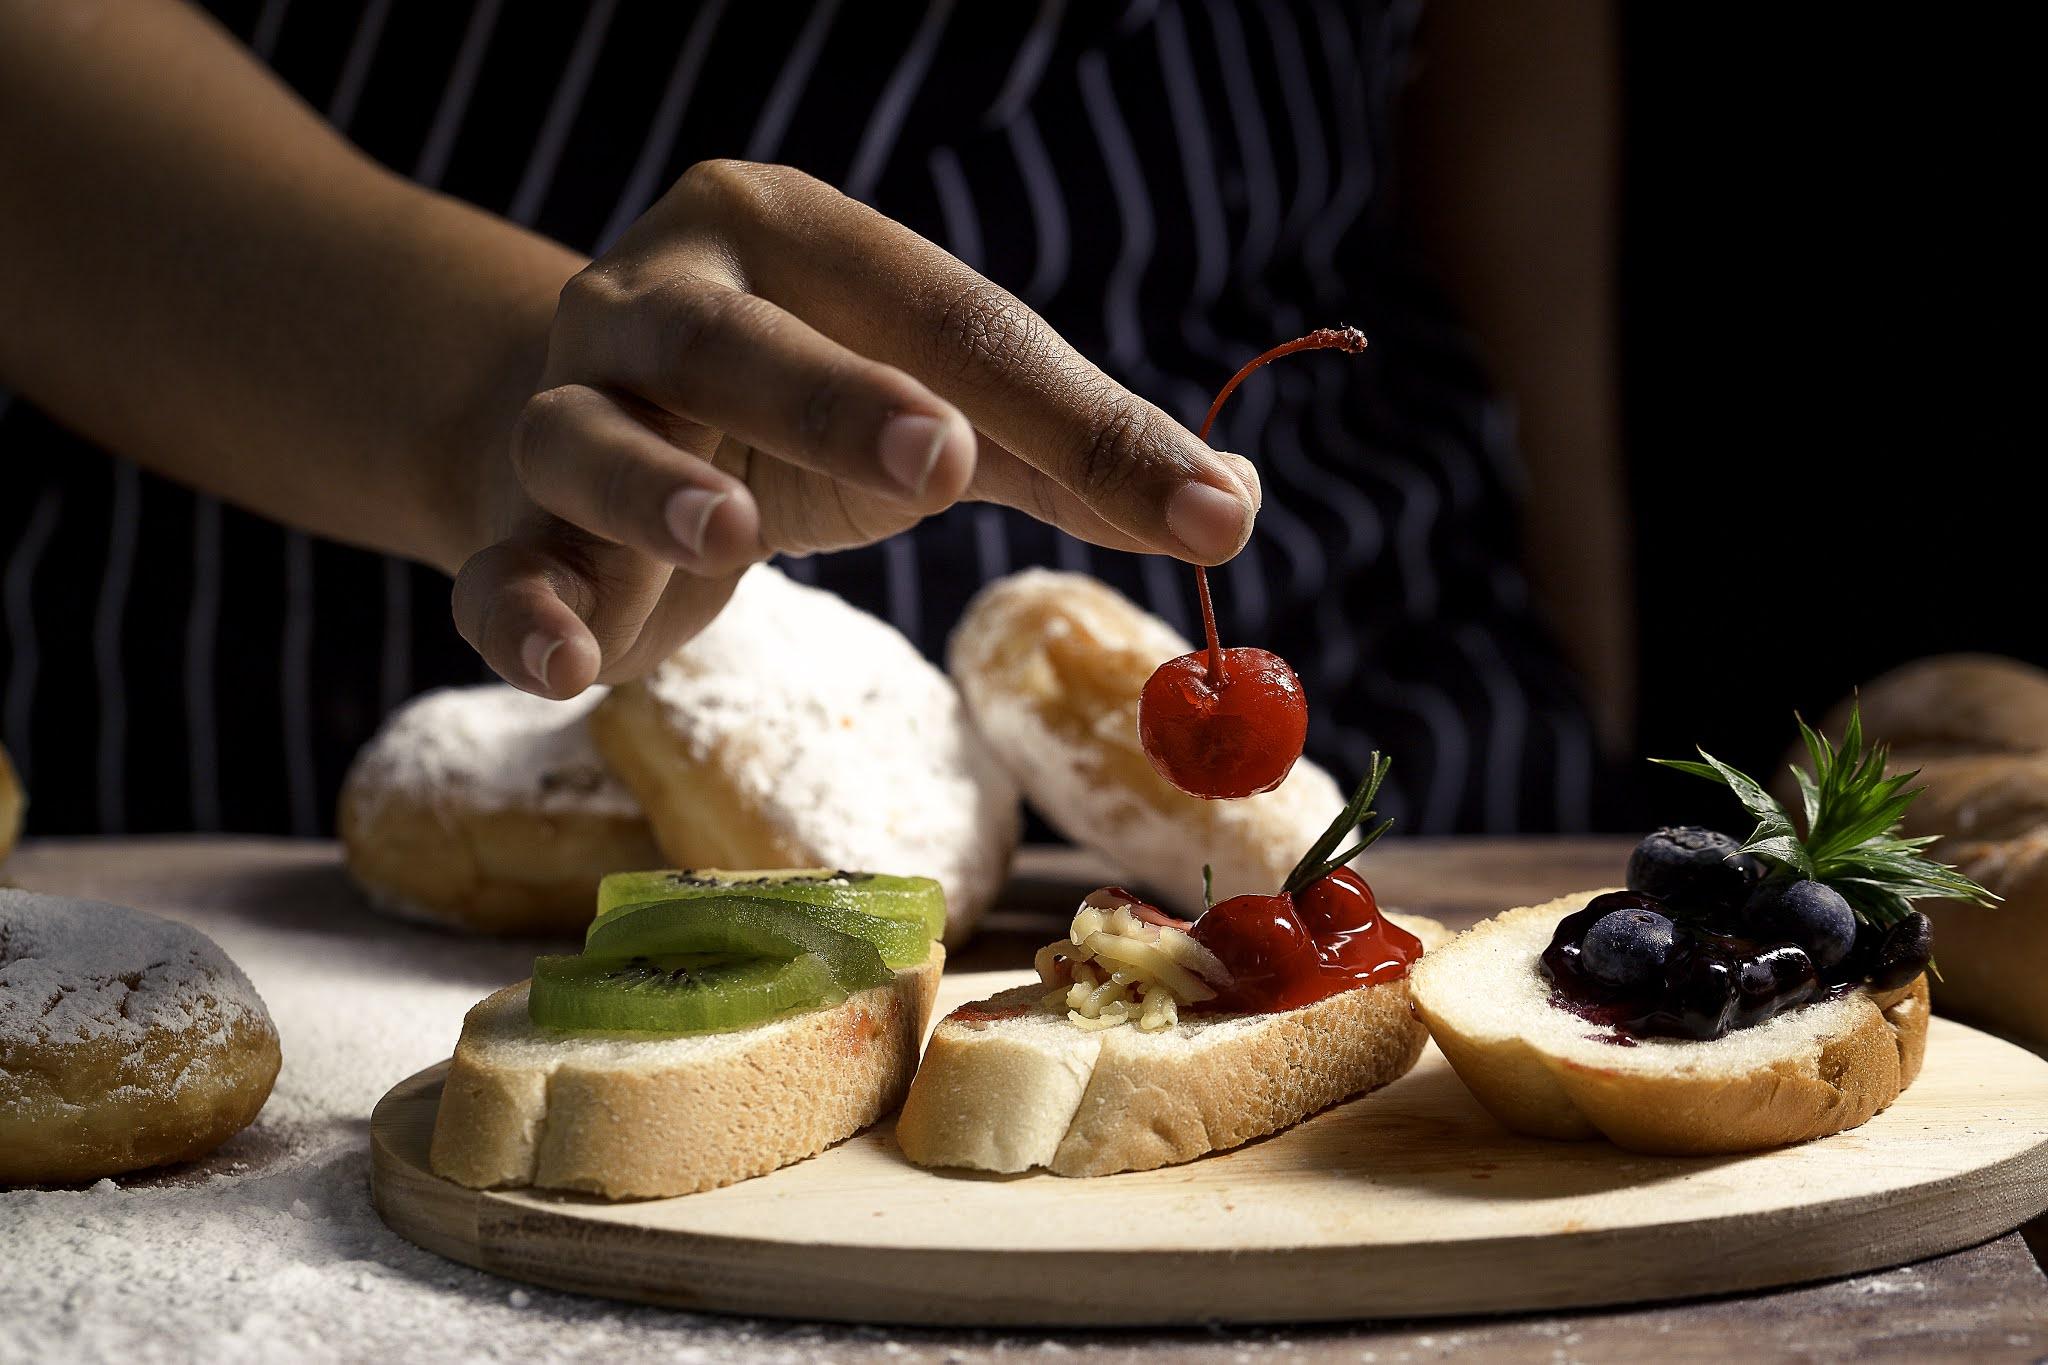 Alimentos seguros durante las fiestas navideñas y COVID-19